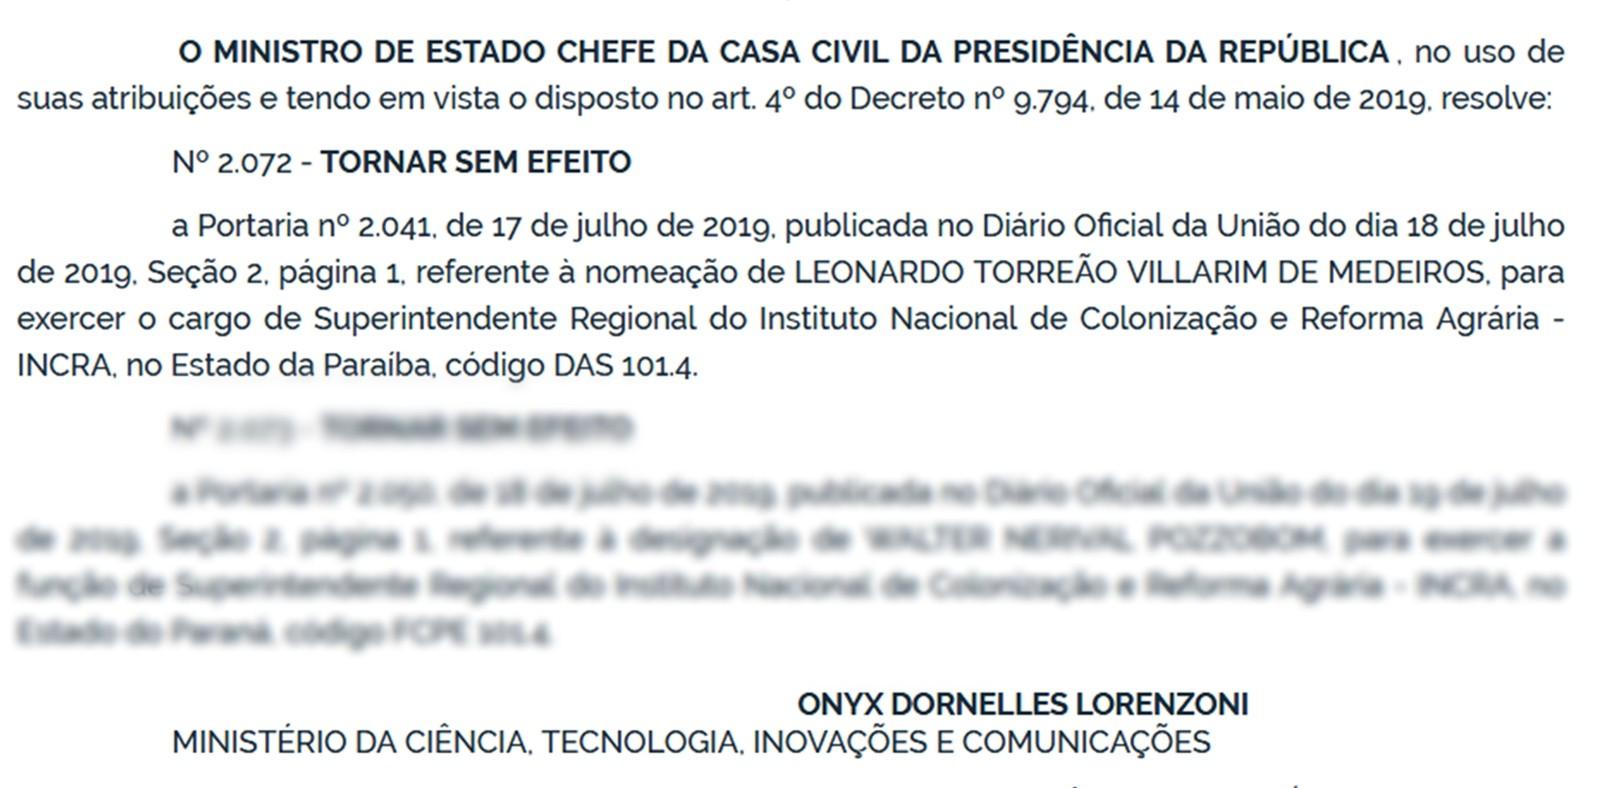 Nomeação de superintendente do Incra na Paraíba é tornada sem efeito por Ministro da Casa Civil - Notícias - Plantão Diário